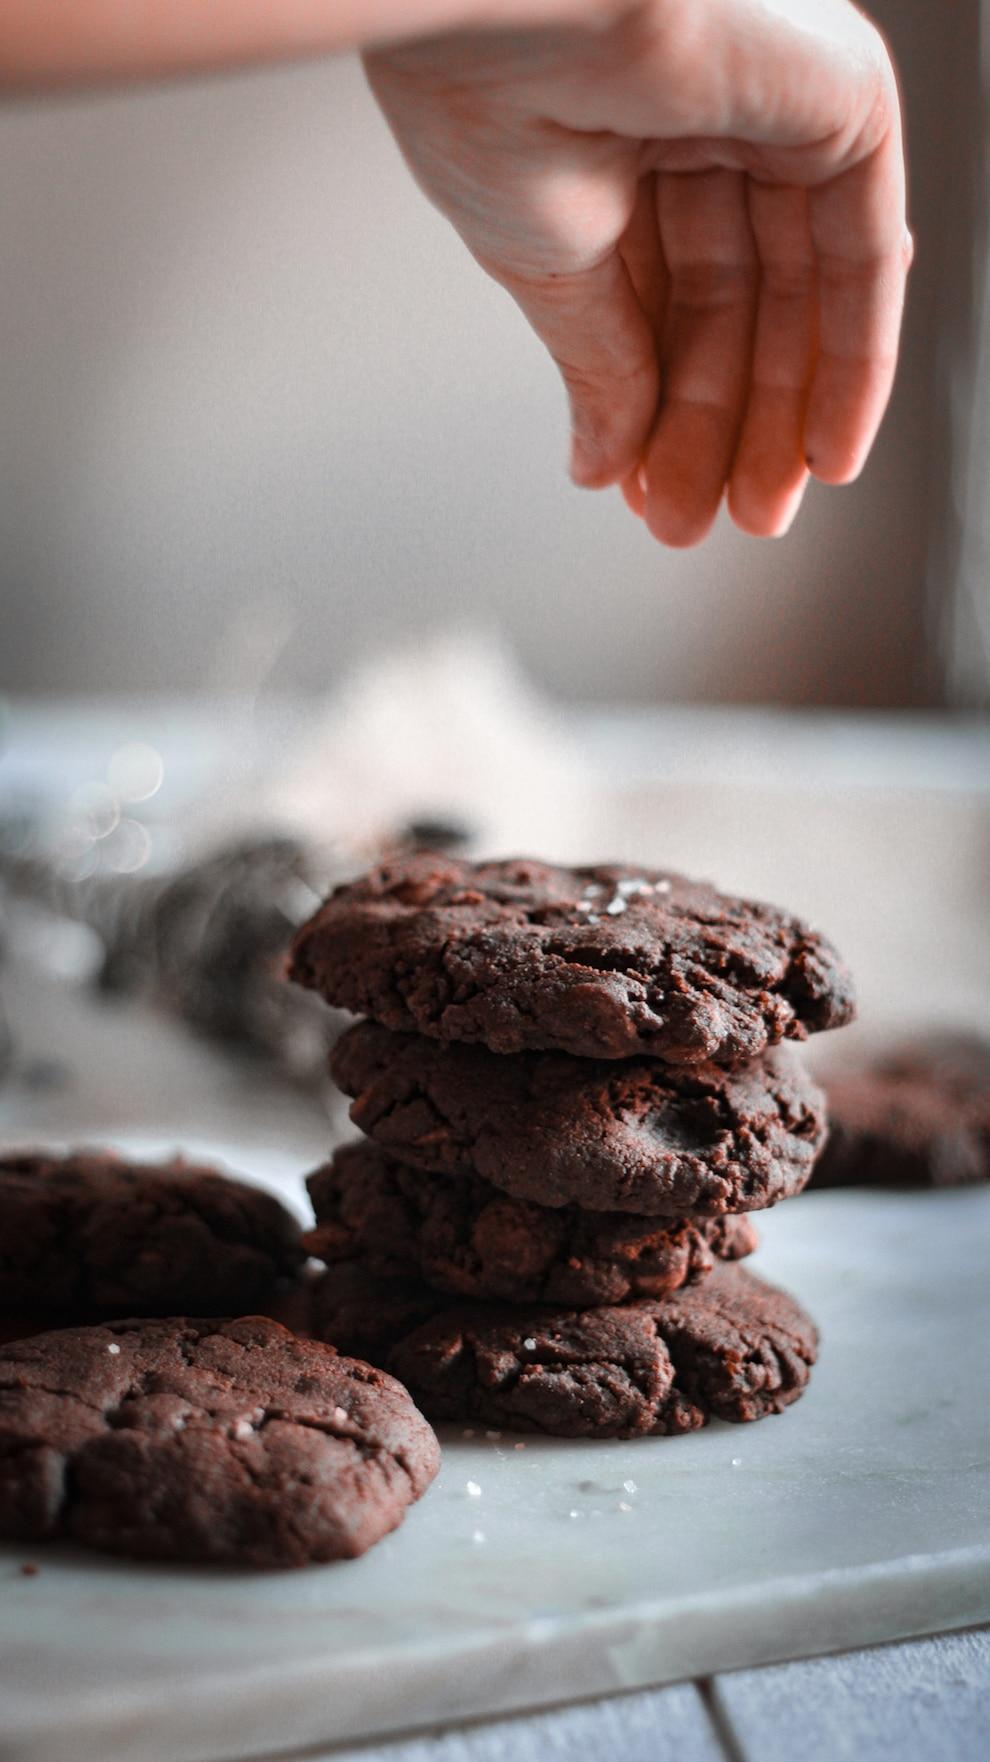 Délicieuse recette de cookies avec une pointe de sel, j'ai utilisé de la farine d'épeautre car elle contient moins de gluten qu'une farine de blé.